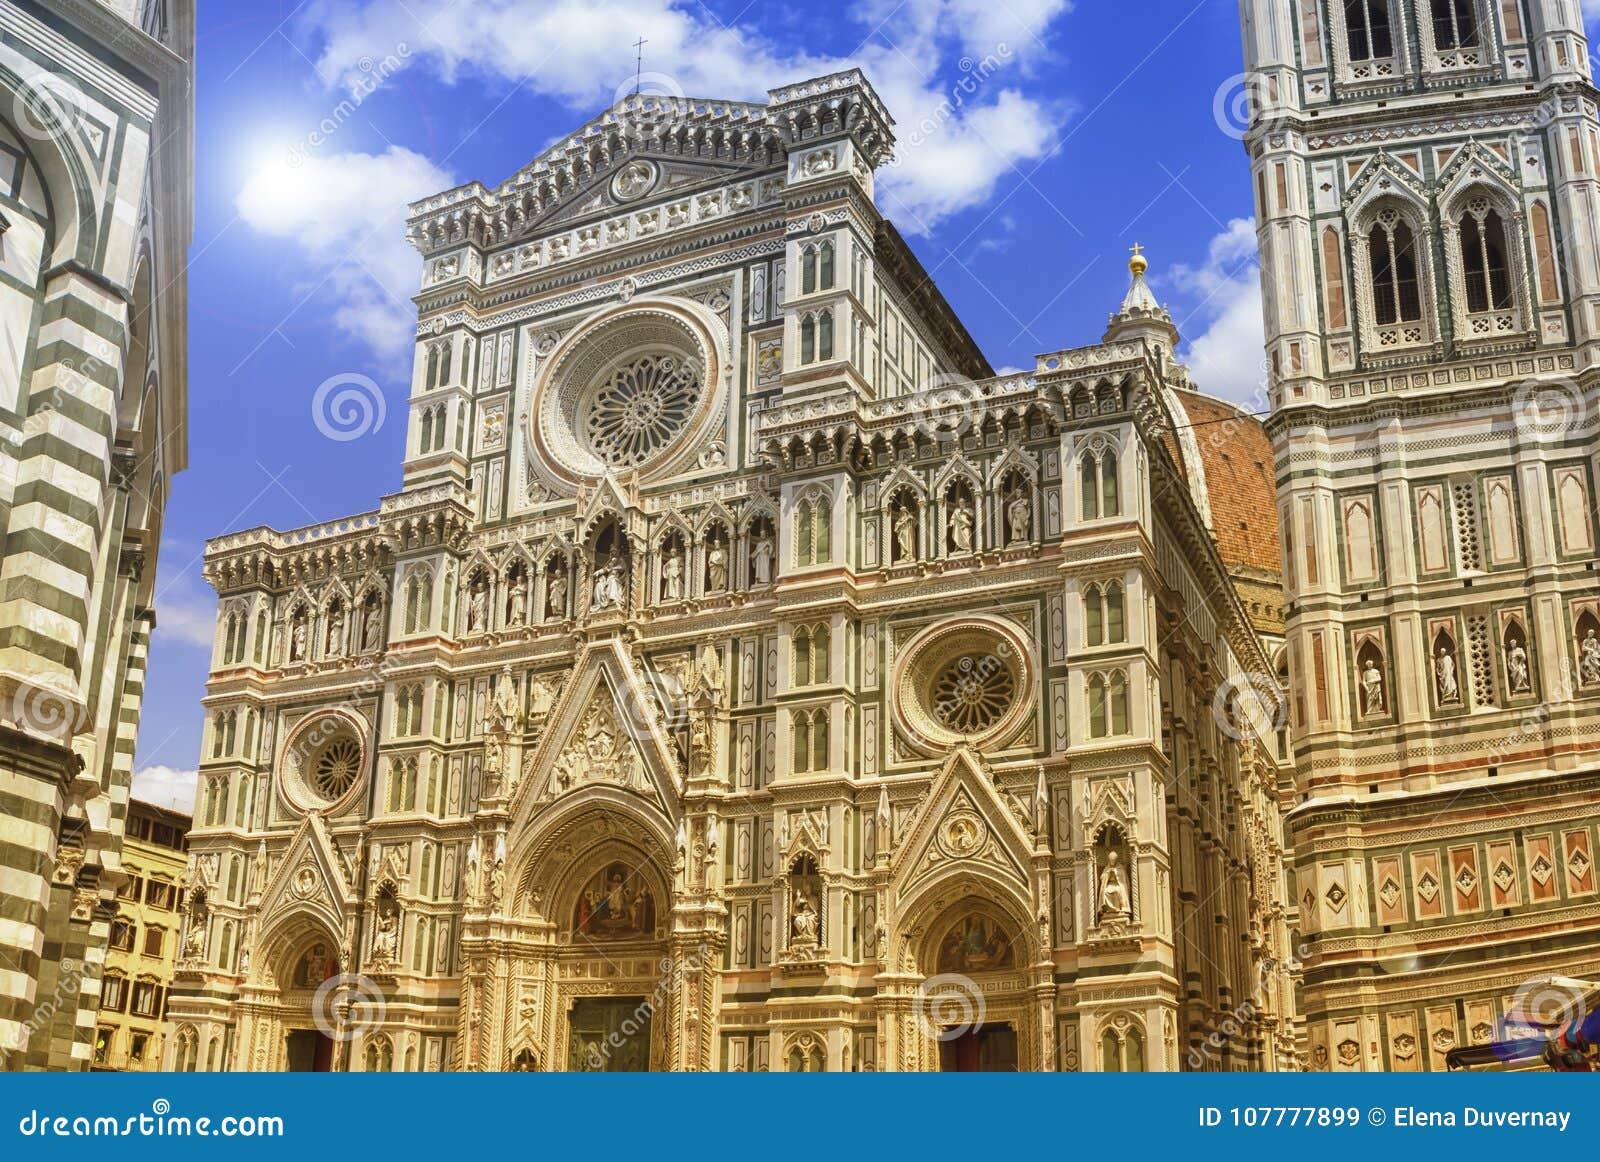 Cattedrale di Santa Maria del Fiore eller Il-Duomodi Firenze, Italia